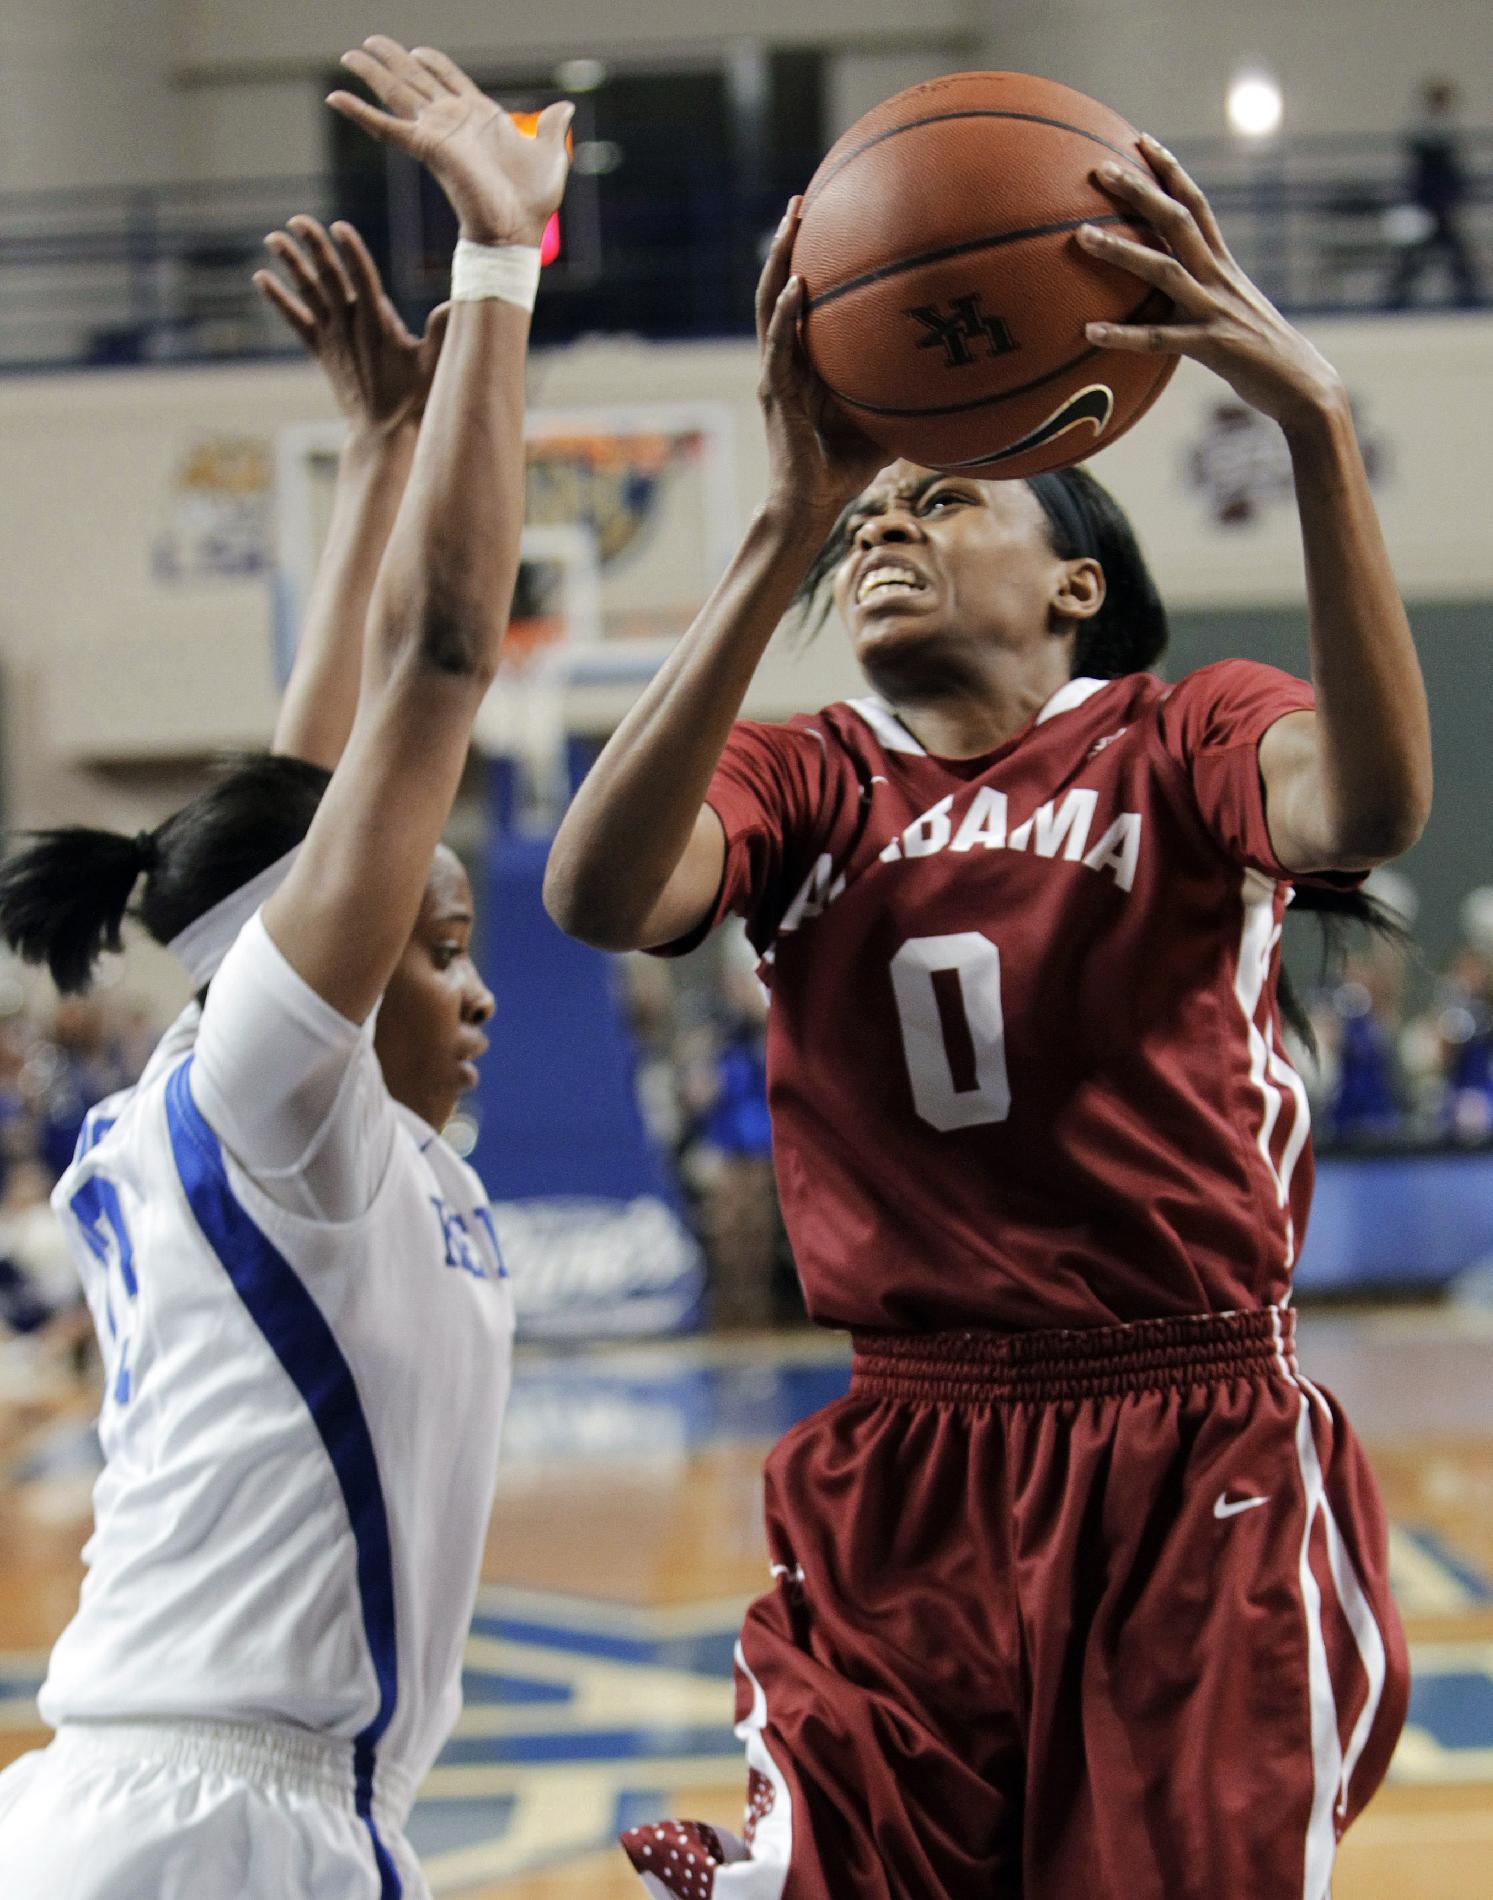 Simmons' layup lifts Alabama past No. 9 Kentucky